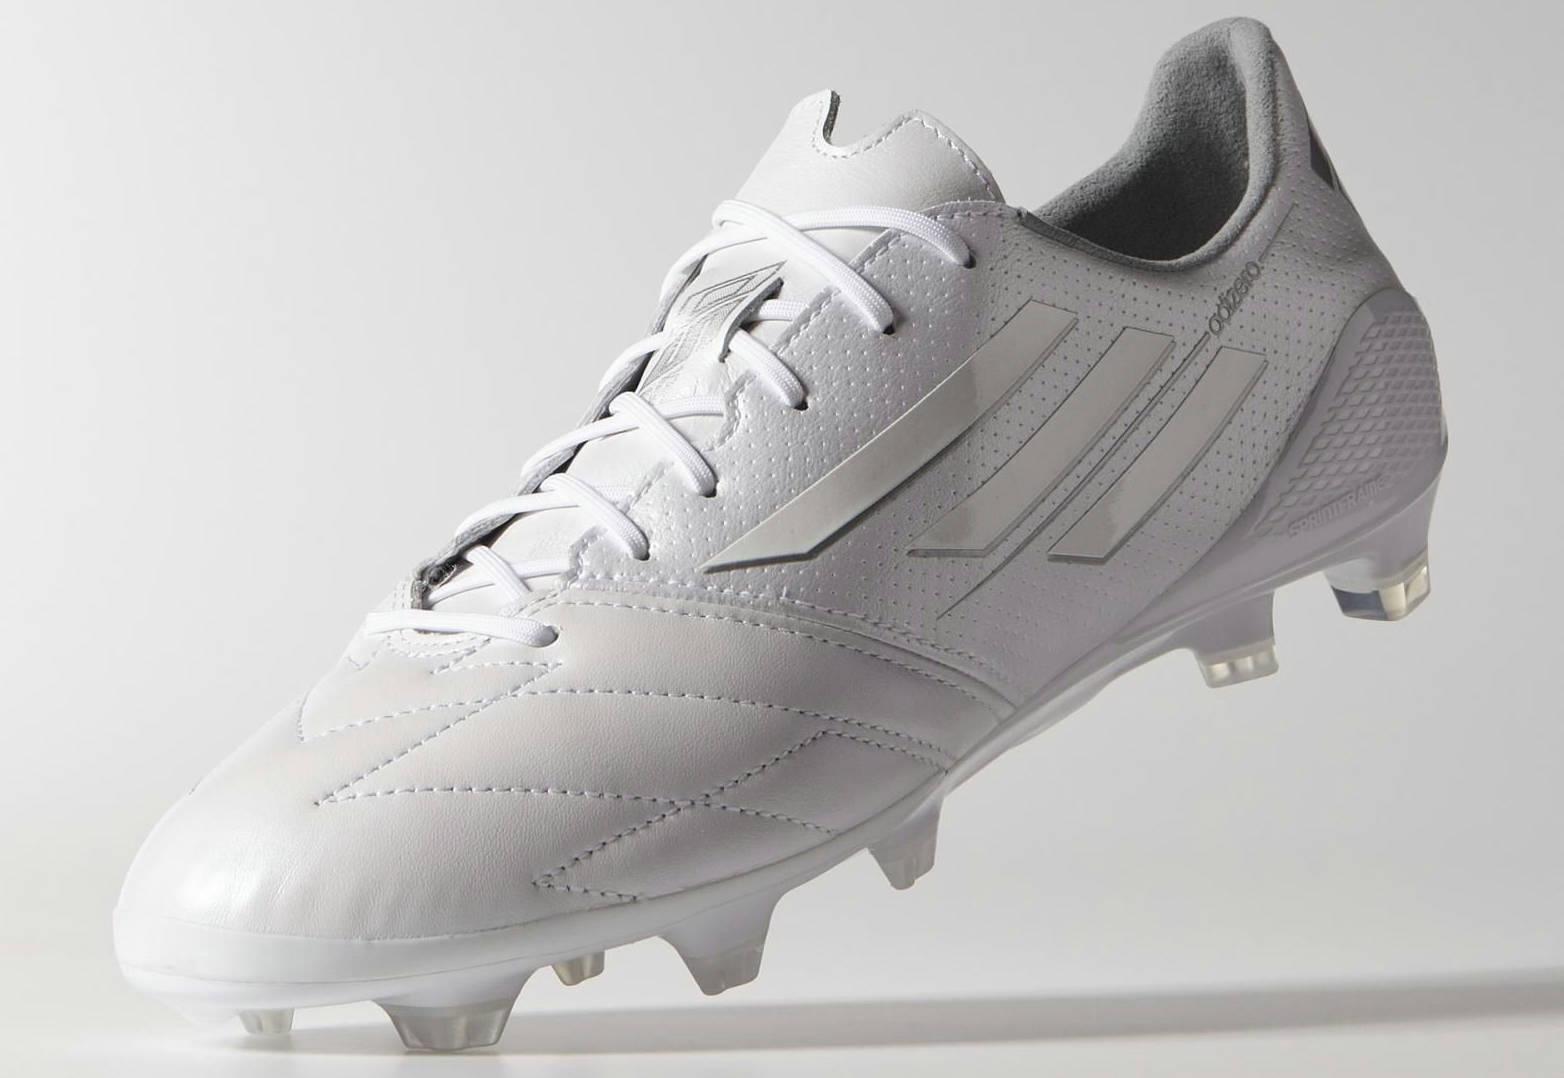 adidas adizero f50 white 96765cf05a64